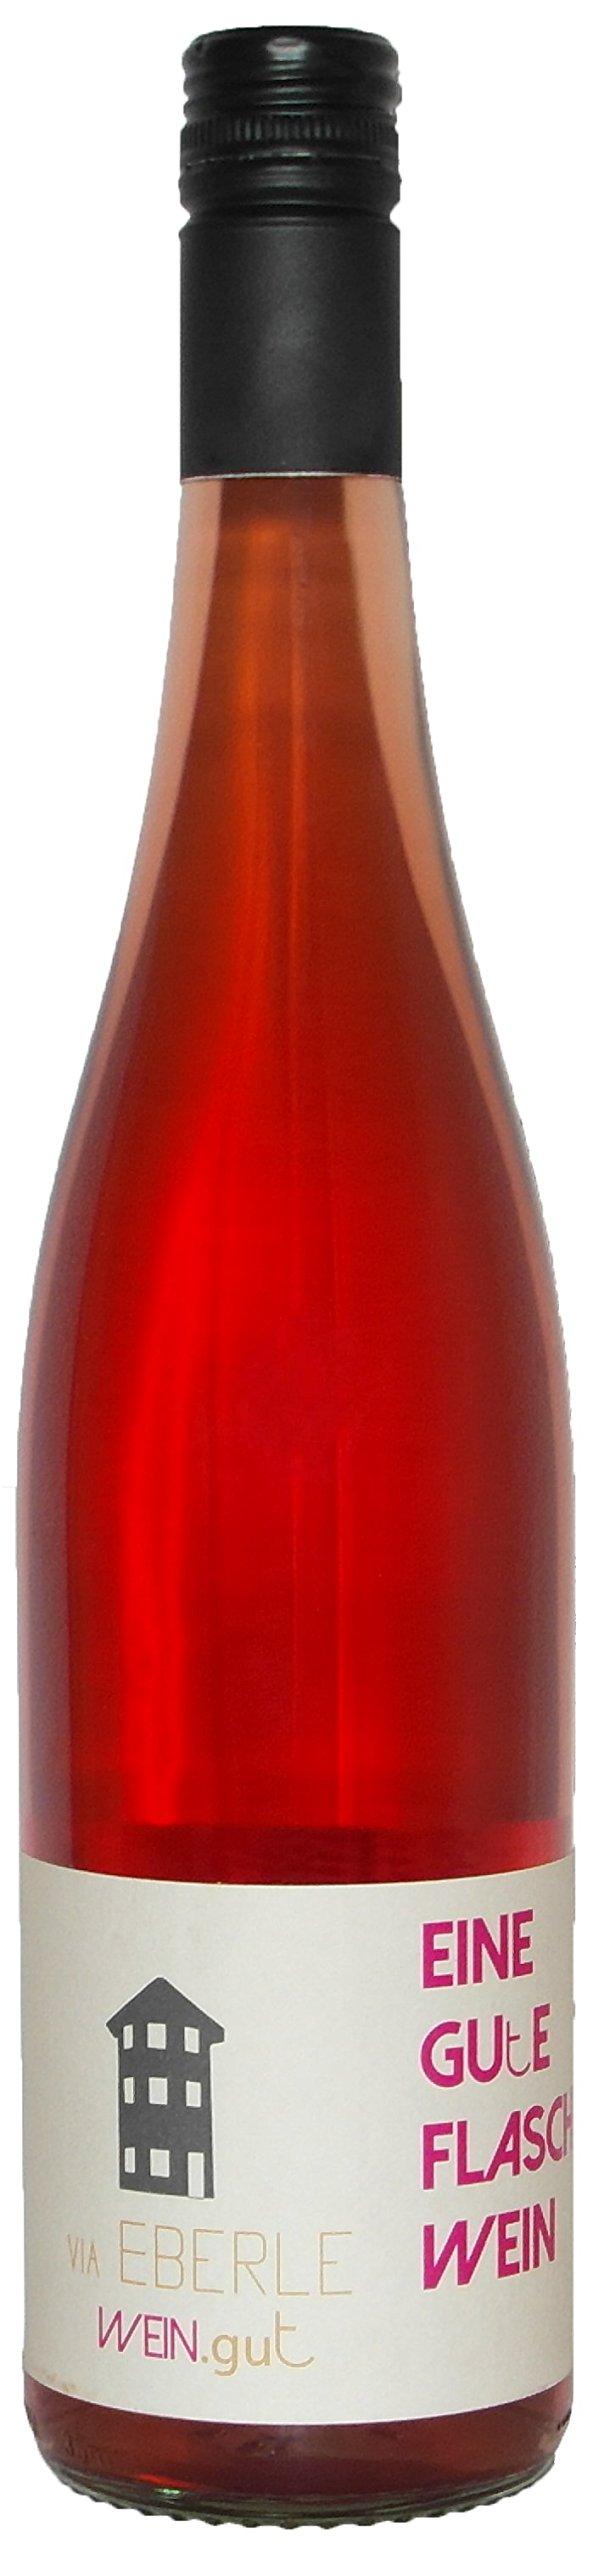 Eine-gute-Flasche-Wein-Cuve-Ros-2016-trocken-Weingut-Via-Eberle